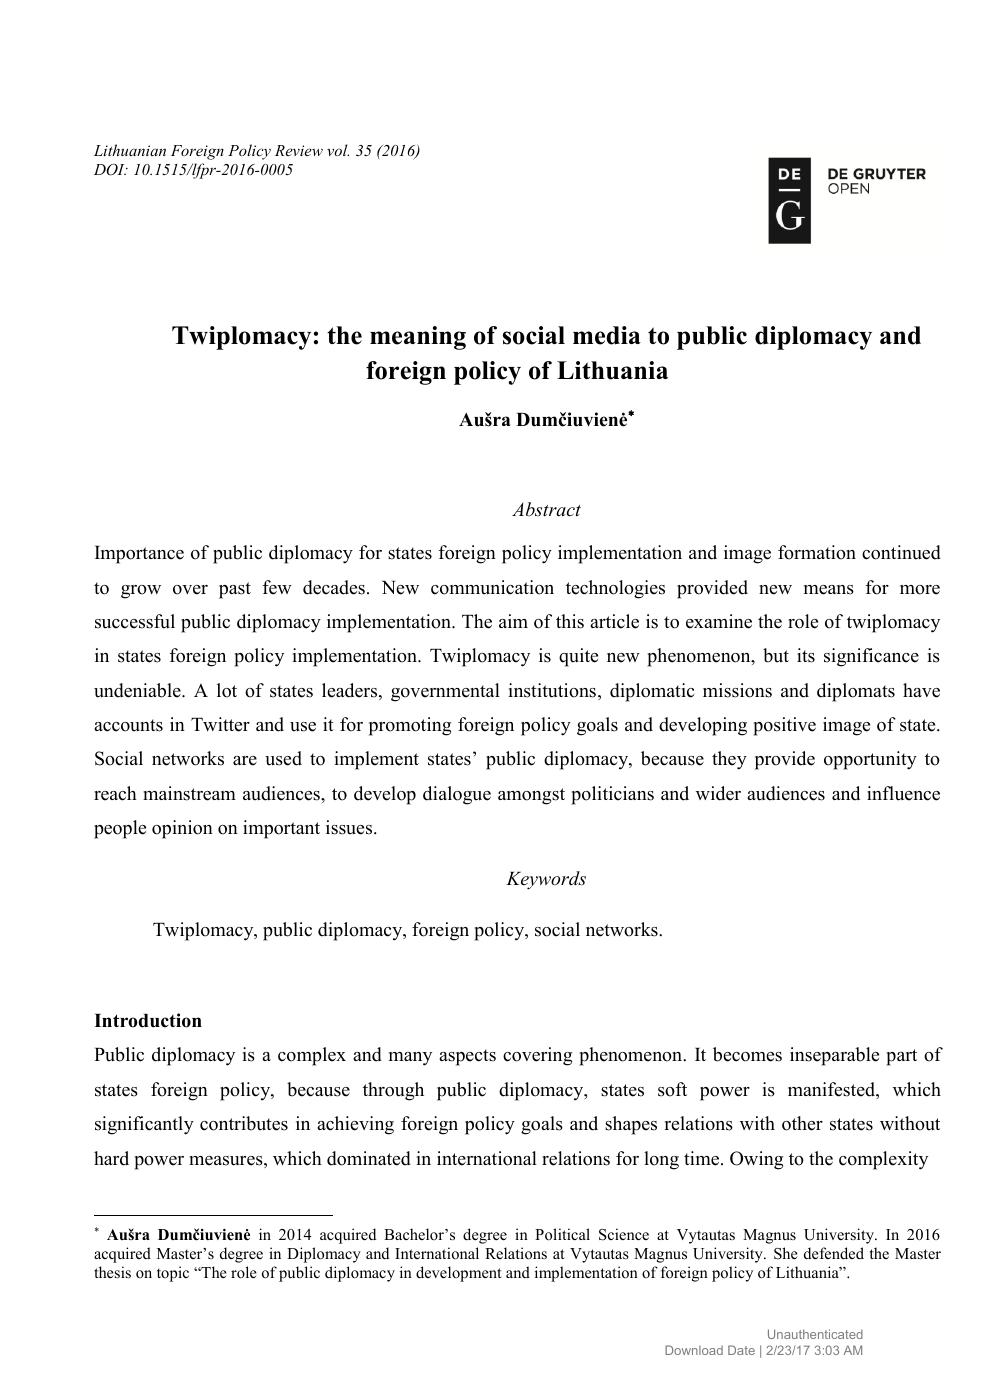 social media term paper topics